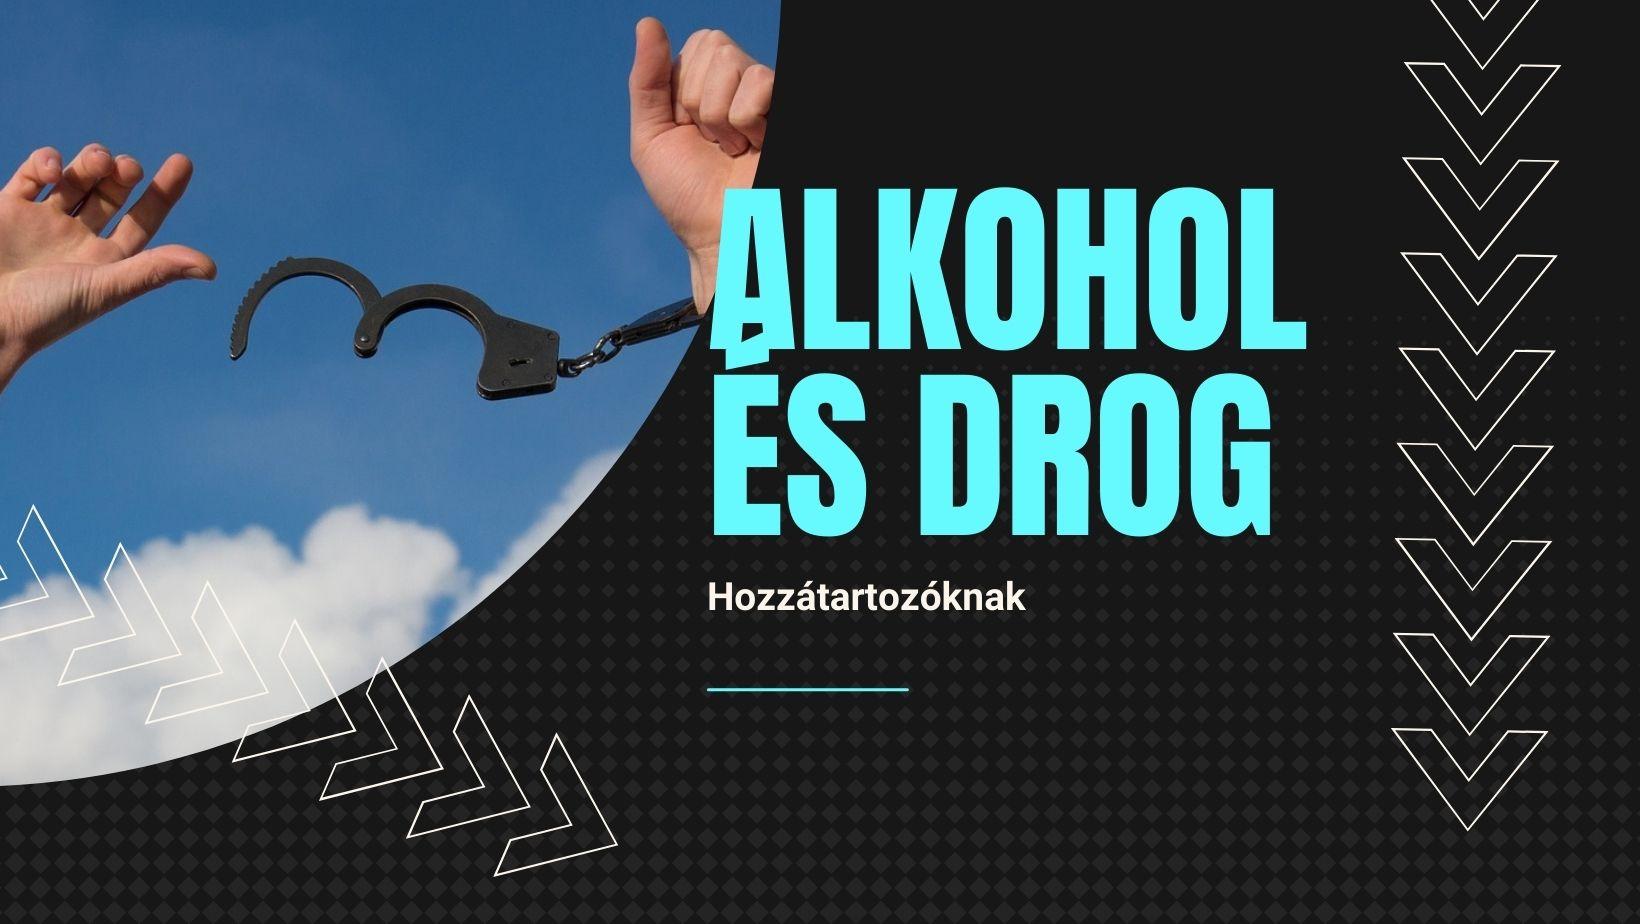 Alkohol és Drog - hozzátartozóknak